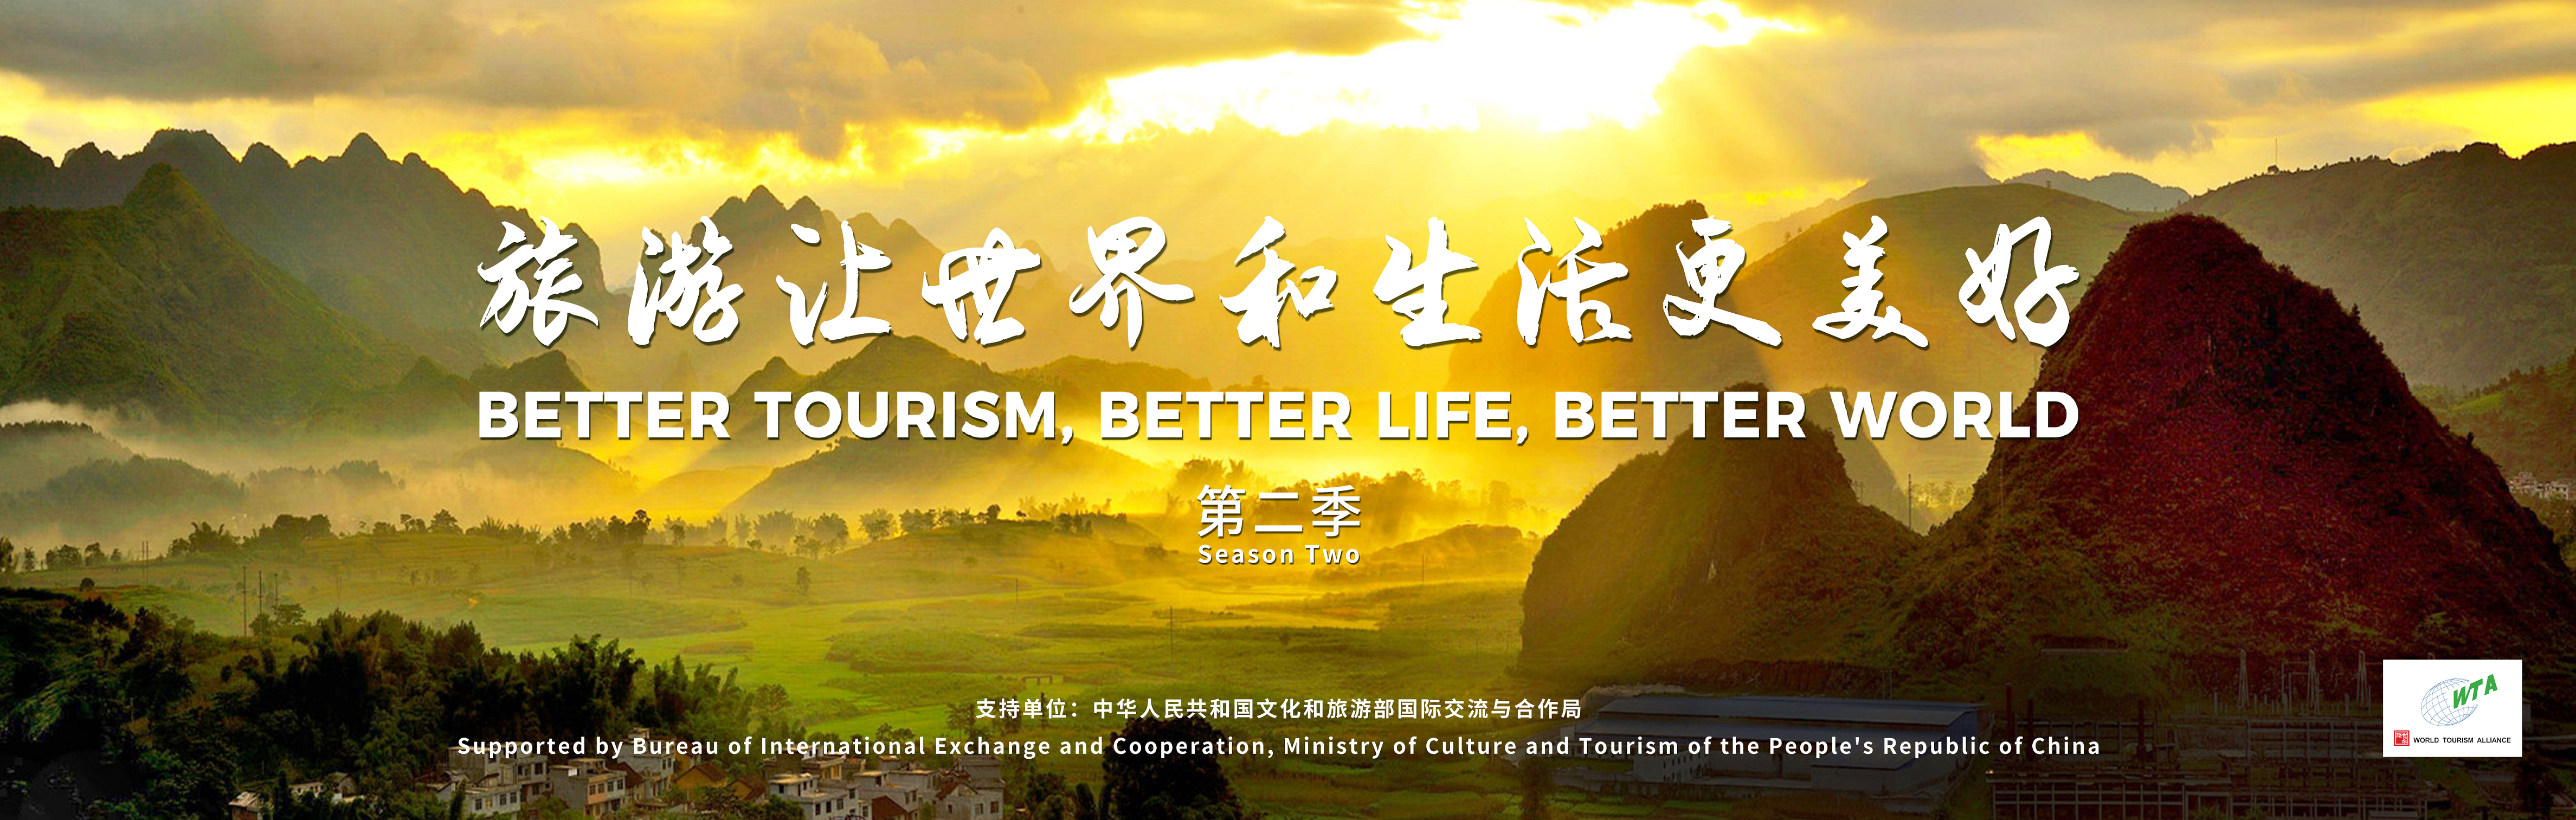 Mini Documentary Series: Better Tourism, Better Life, Better World Season 2